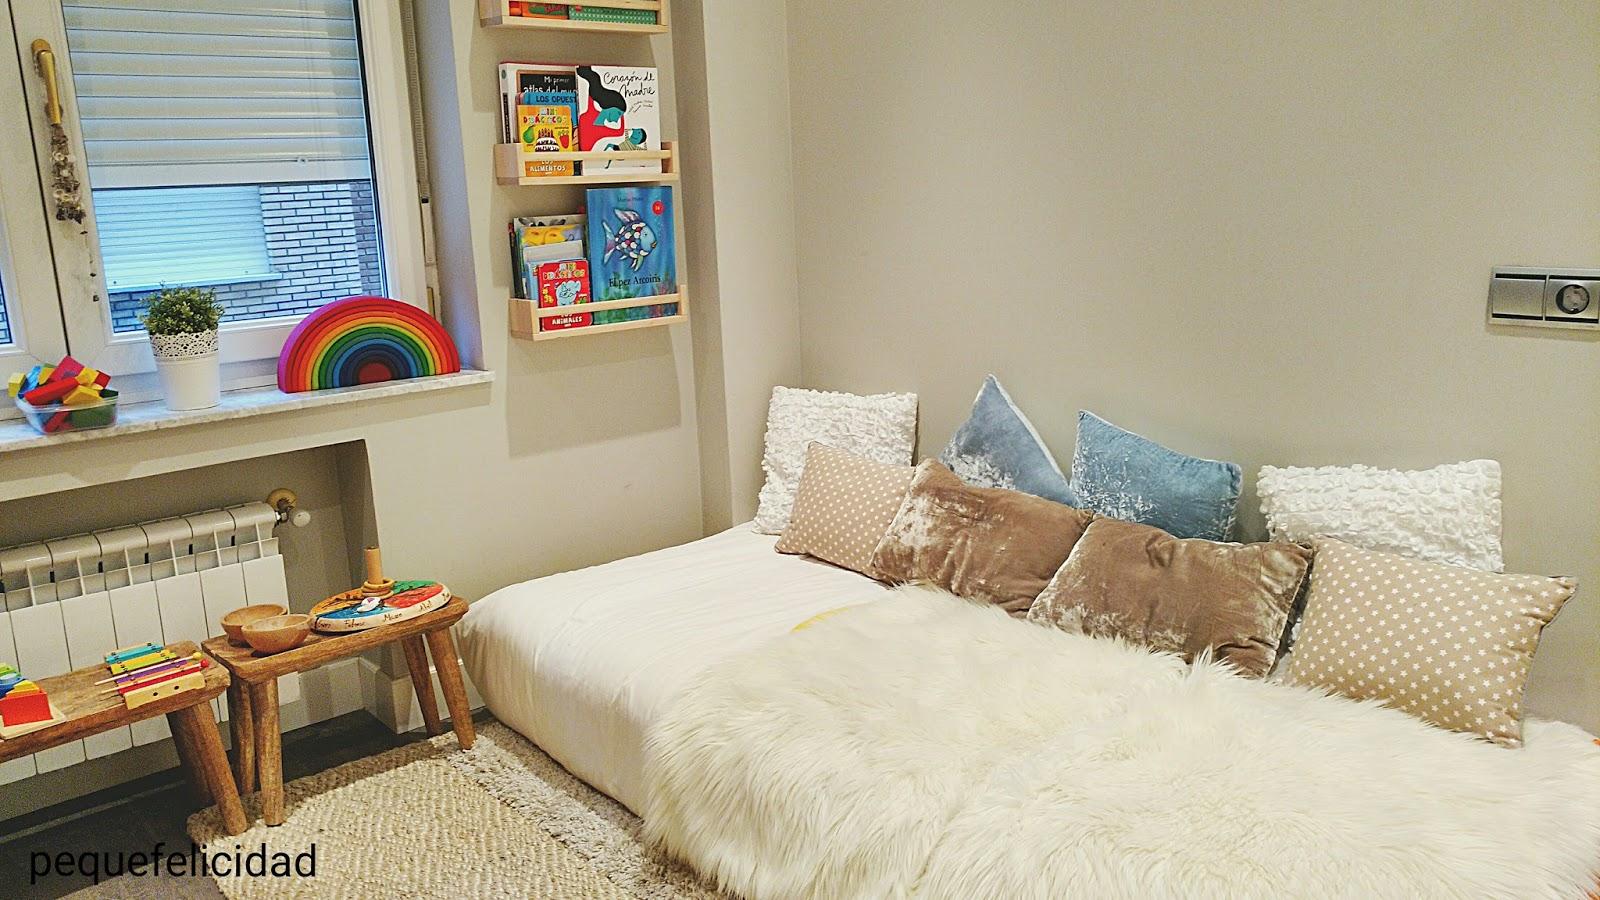 Pequefelicidad c mo preparar un espacio montessori para el futuro beb - Colchonetas para dormir en el suelo ...